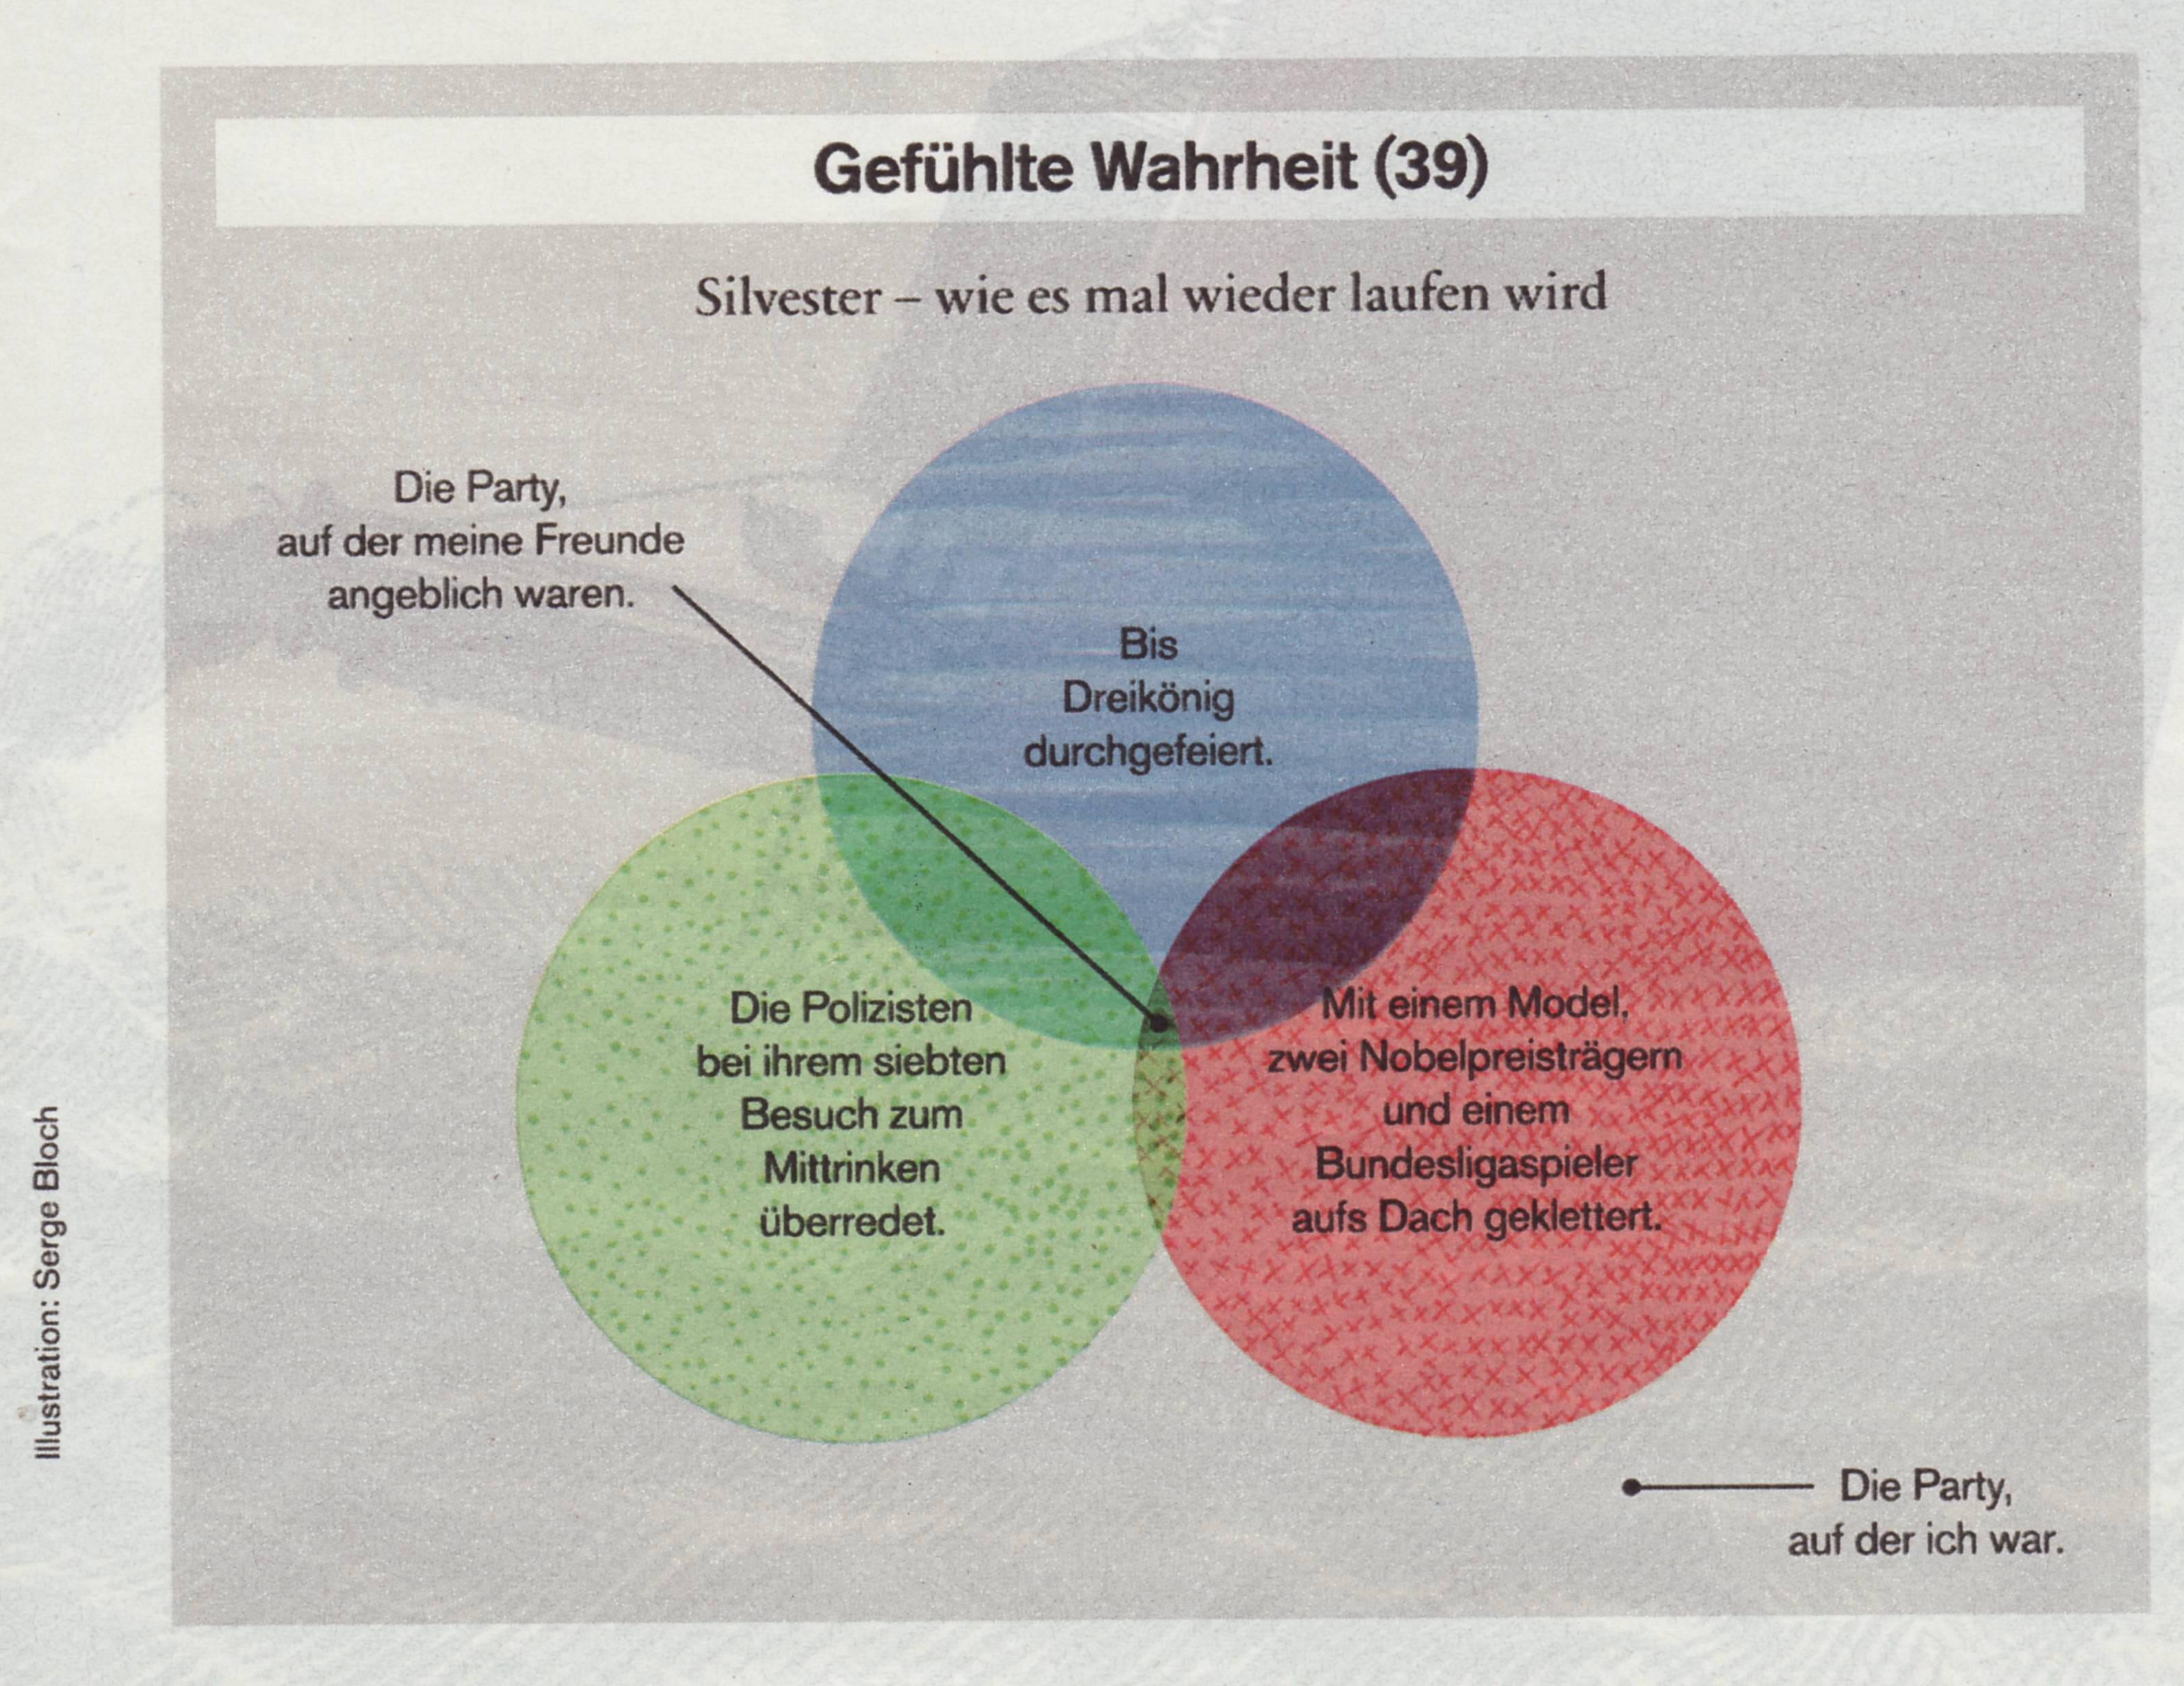 SZ Magazin: Gefühlte Wahrheit (39)